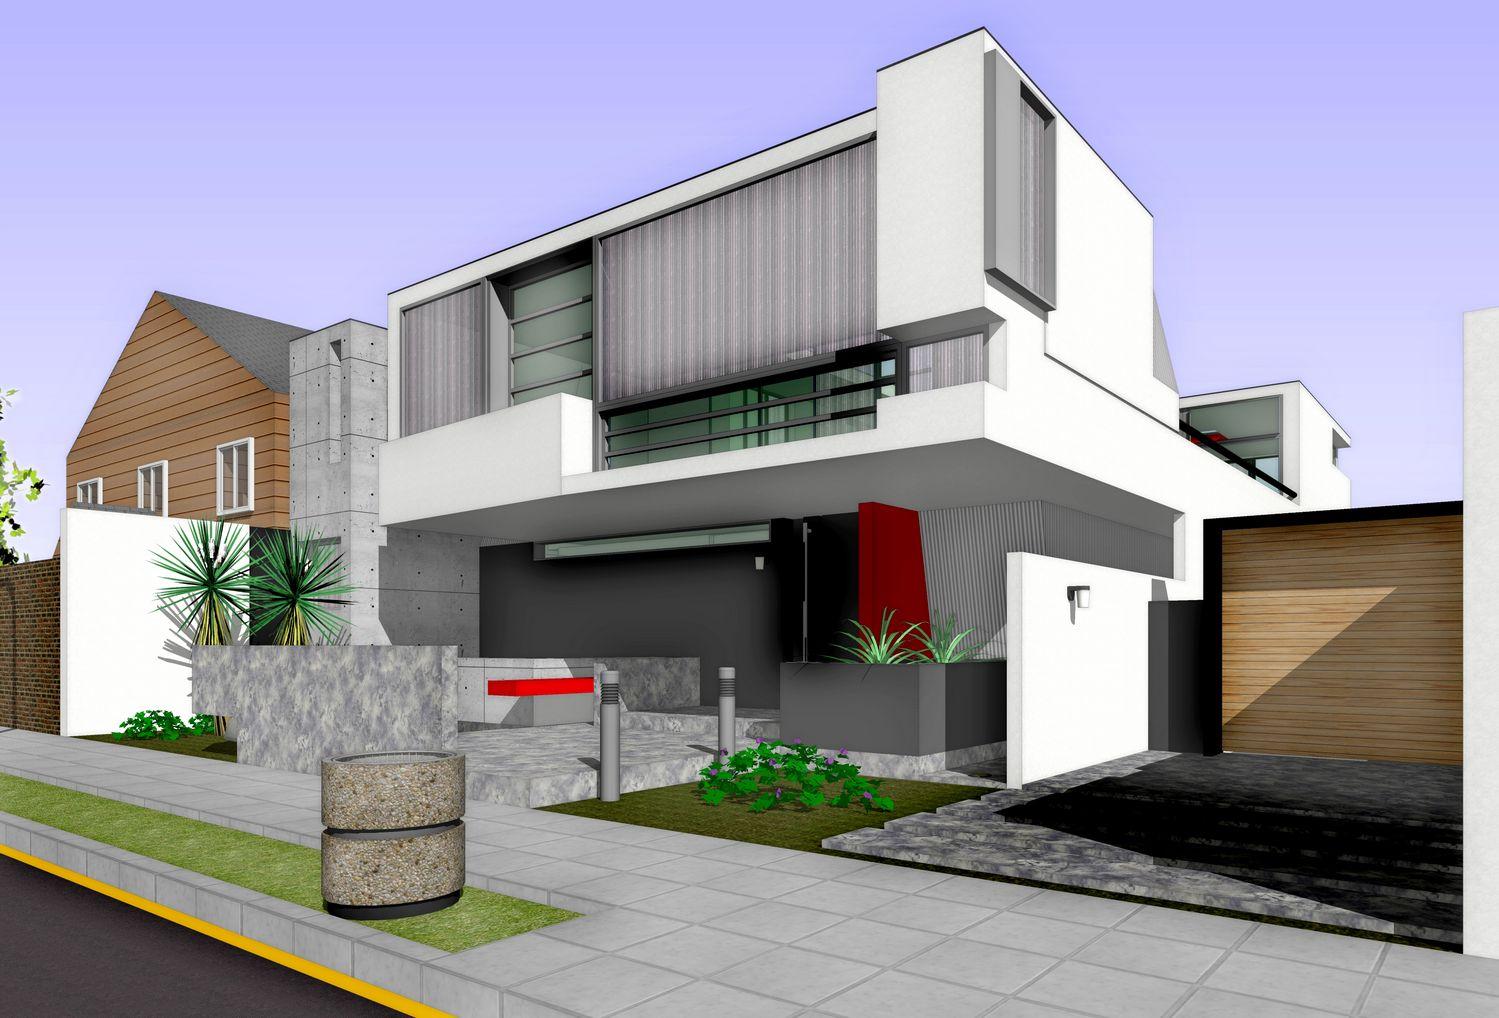 Diego del Castillo - Casa Black - oaudarq-09.jpg